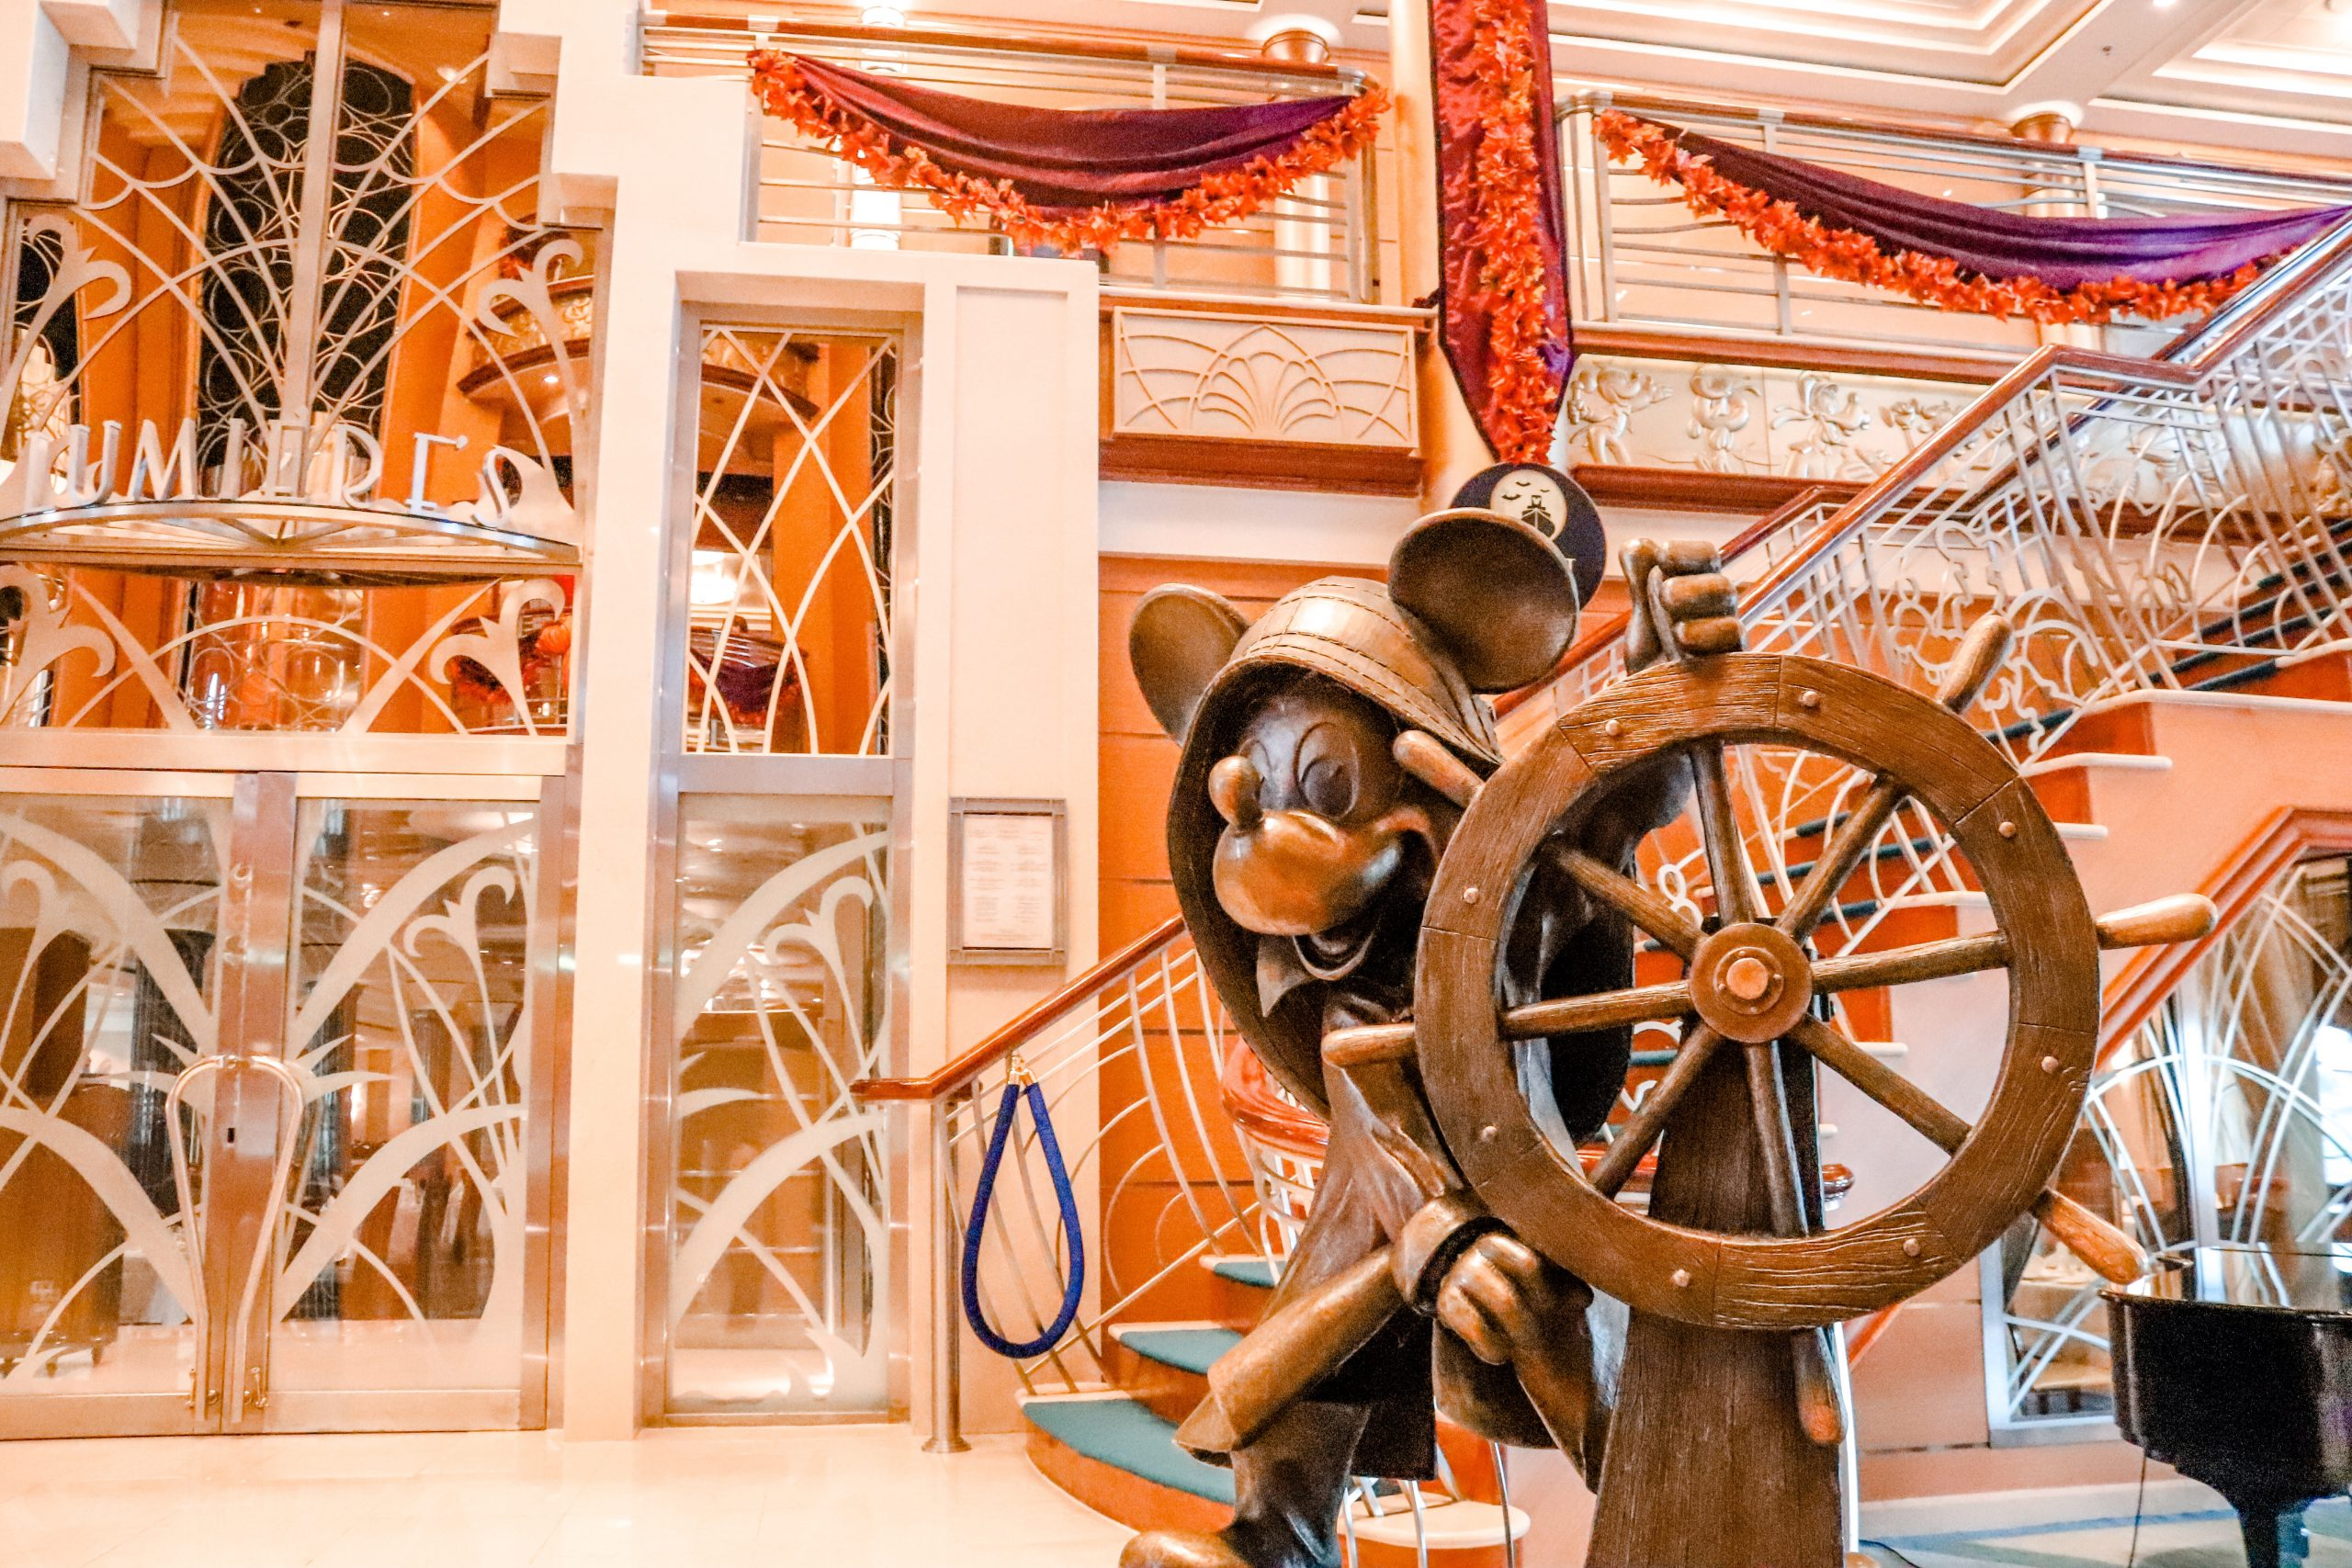 Disney Magic Cruise Photo Tour